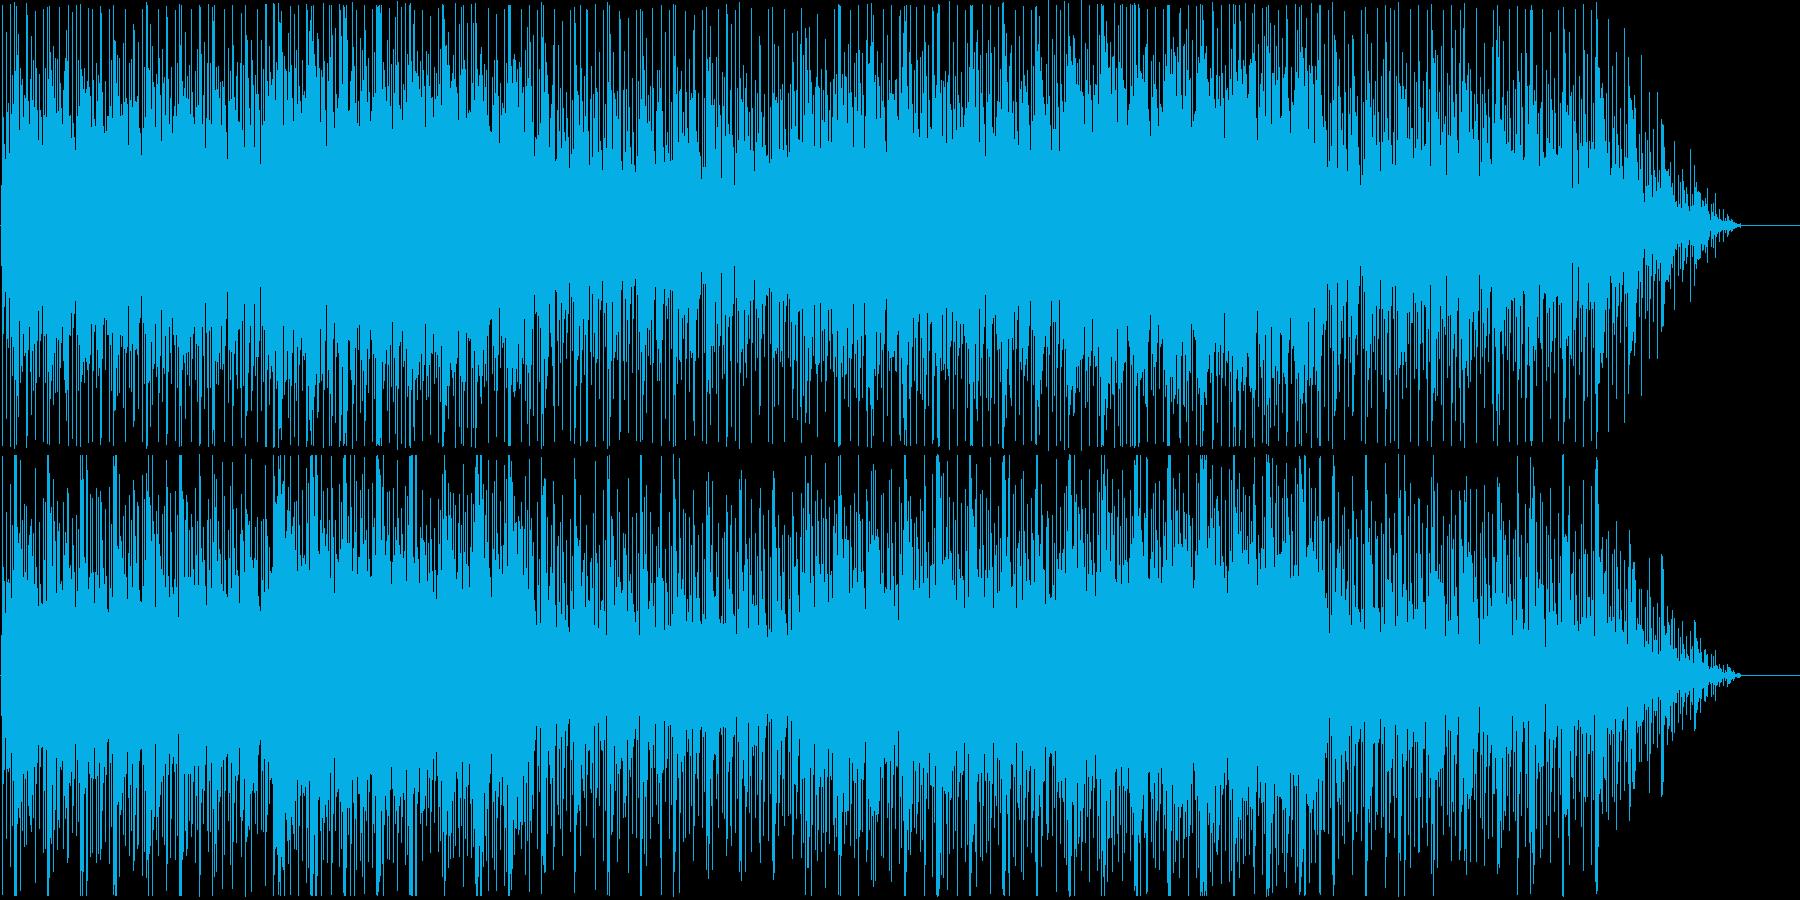 ノスタルジックで幻想的なBGMの再生済みの波形